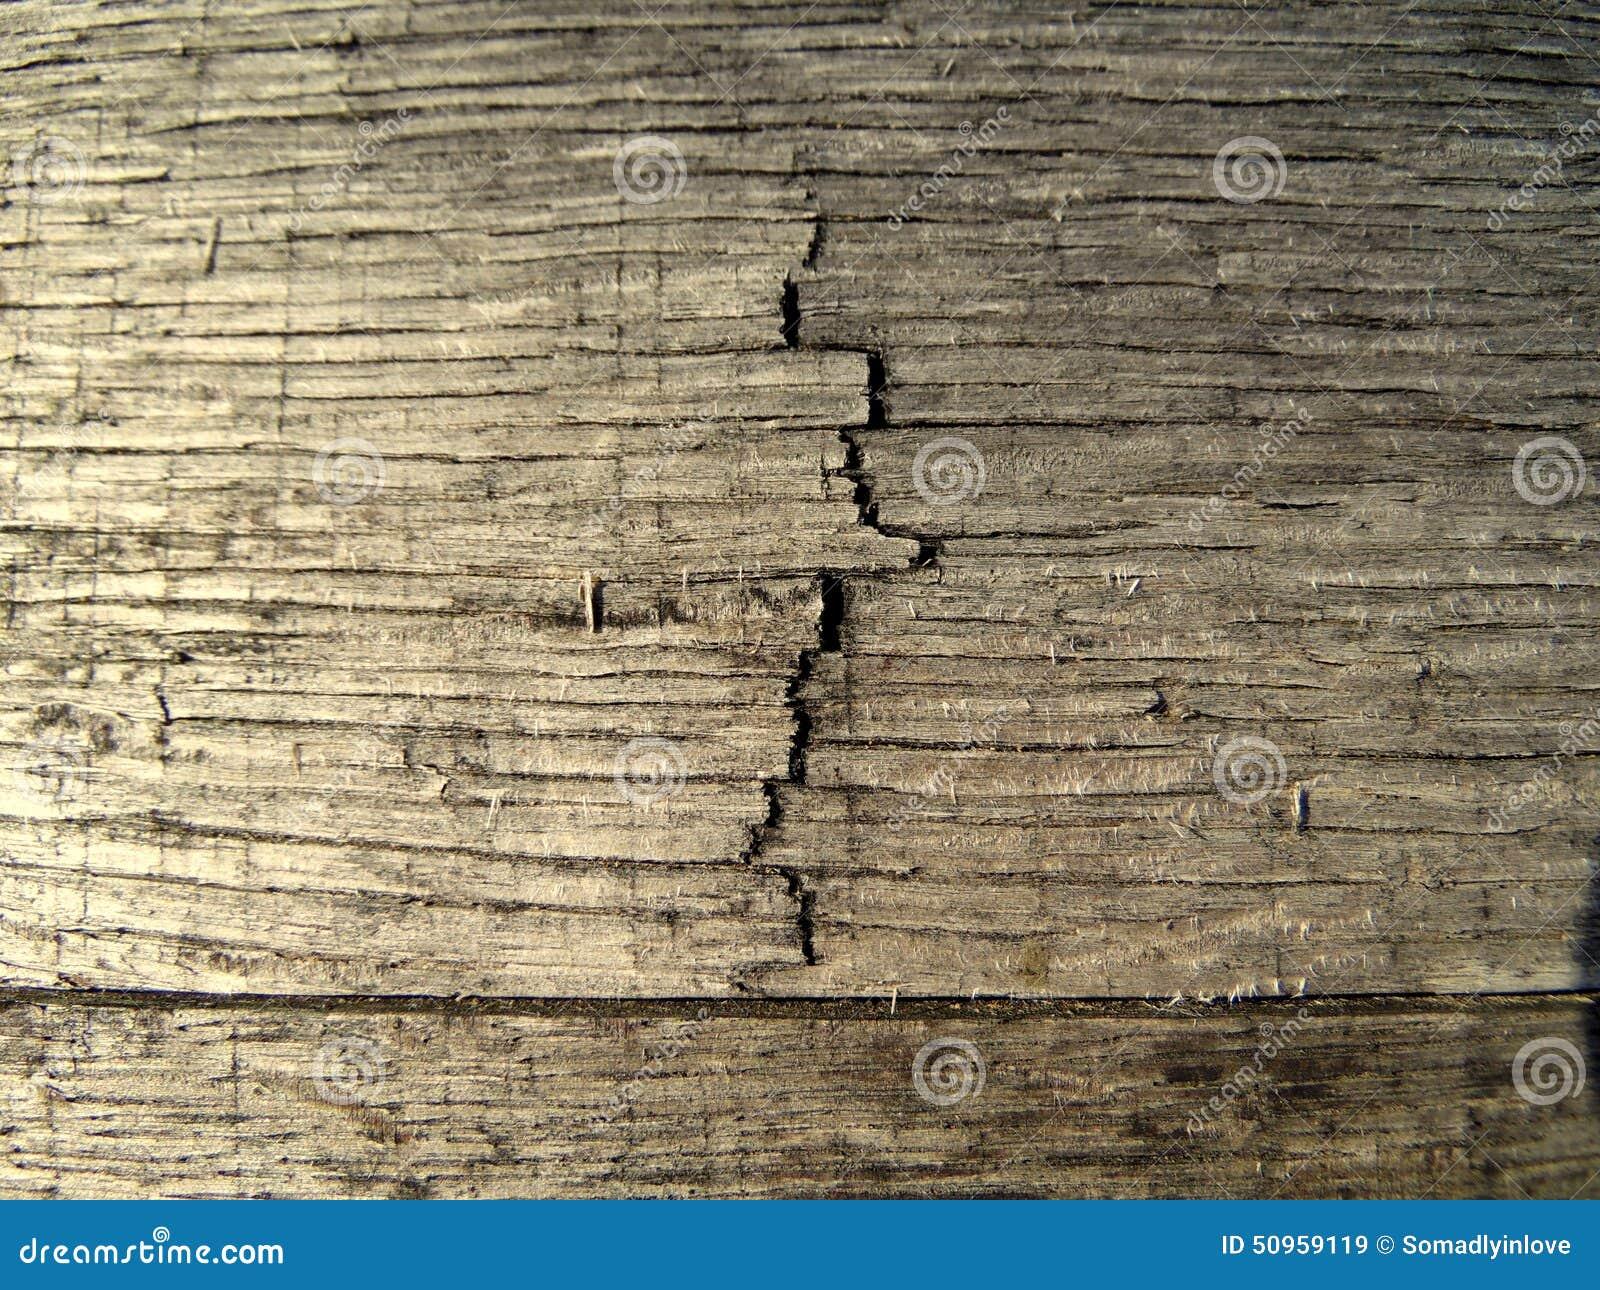 裂缝的宏观纹理照片在木桶的